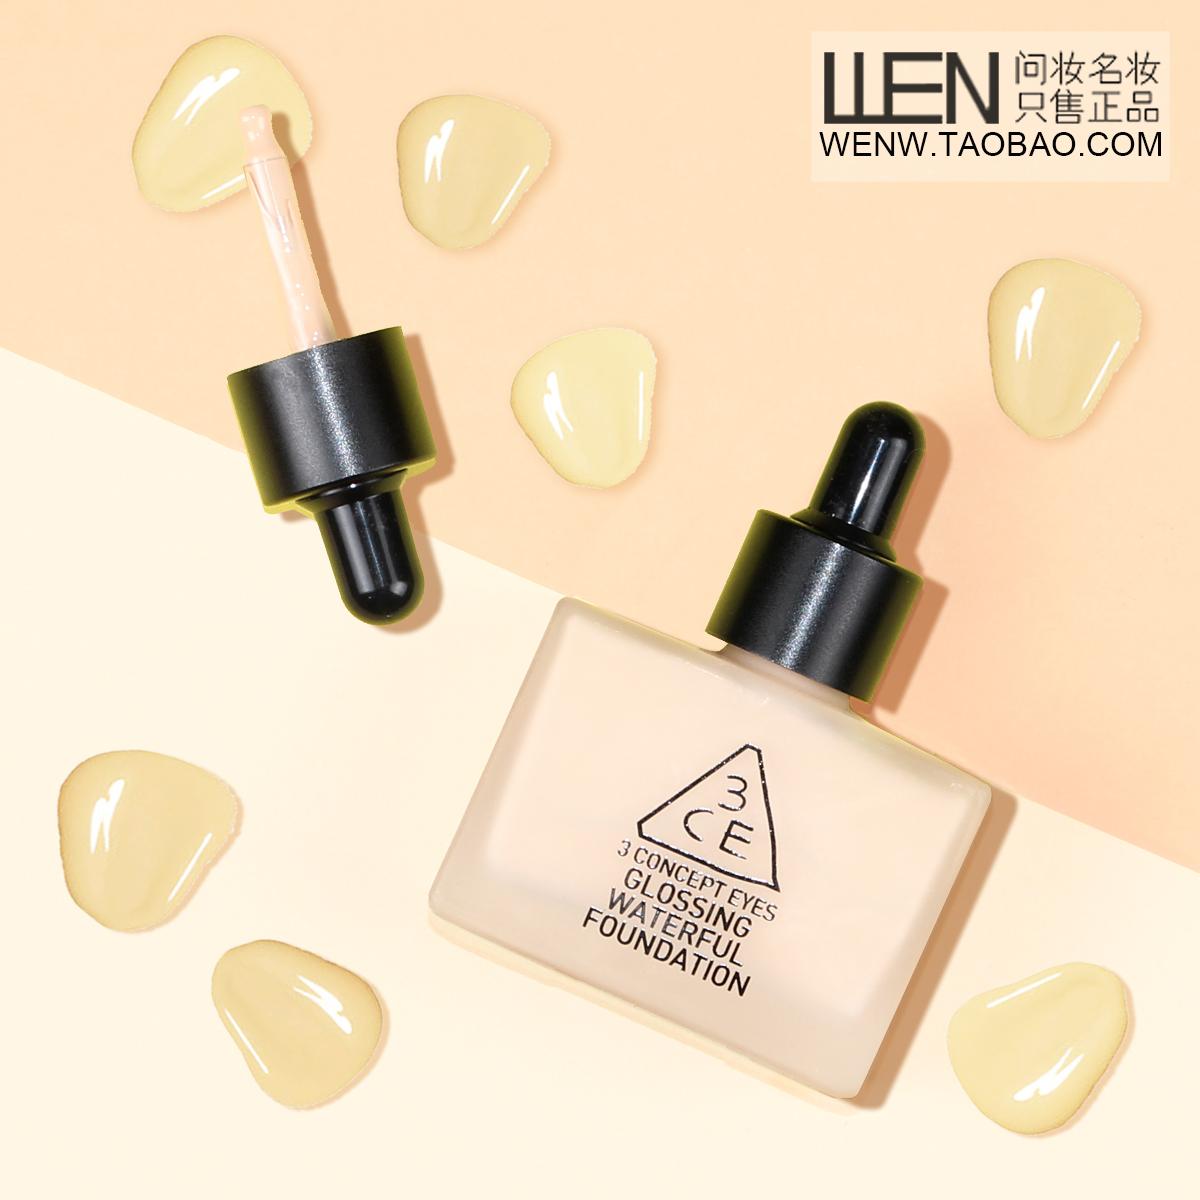 【带防伪】韩国3ce超水润粉底液保湿 水感轻薄自然水光肌 包邮